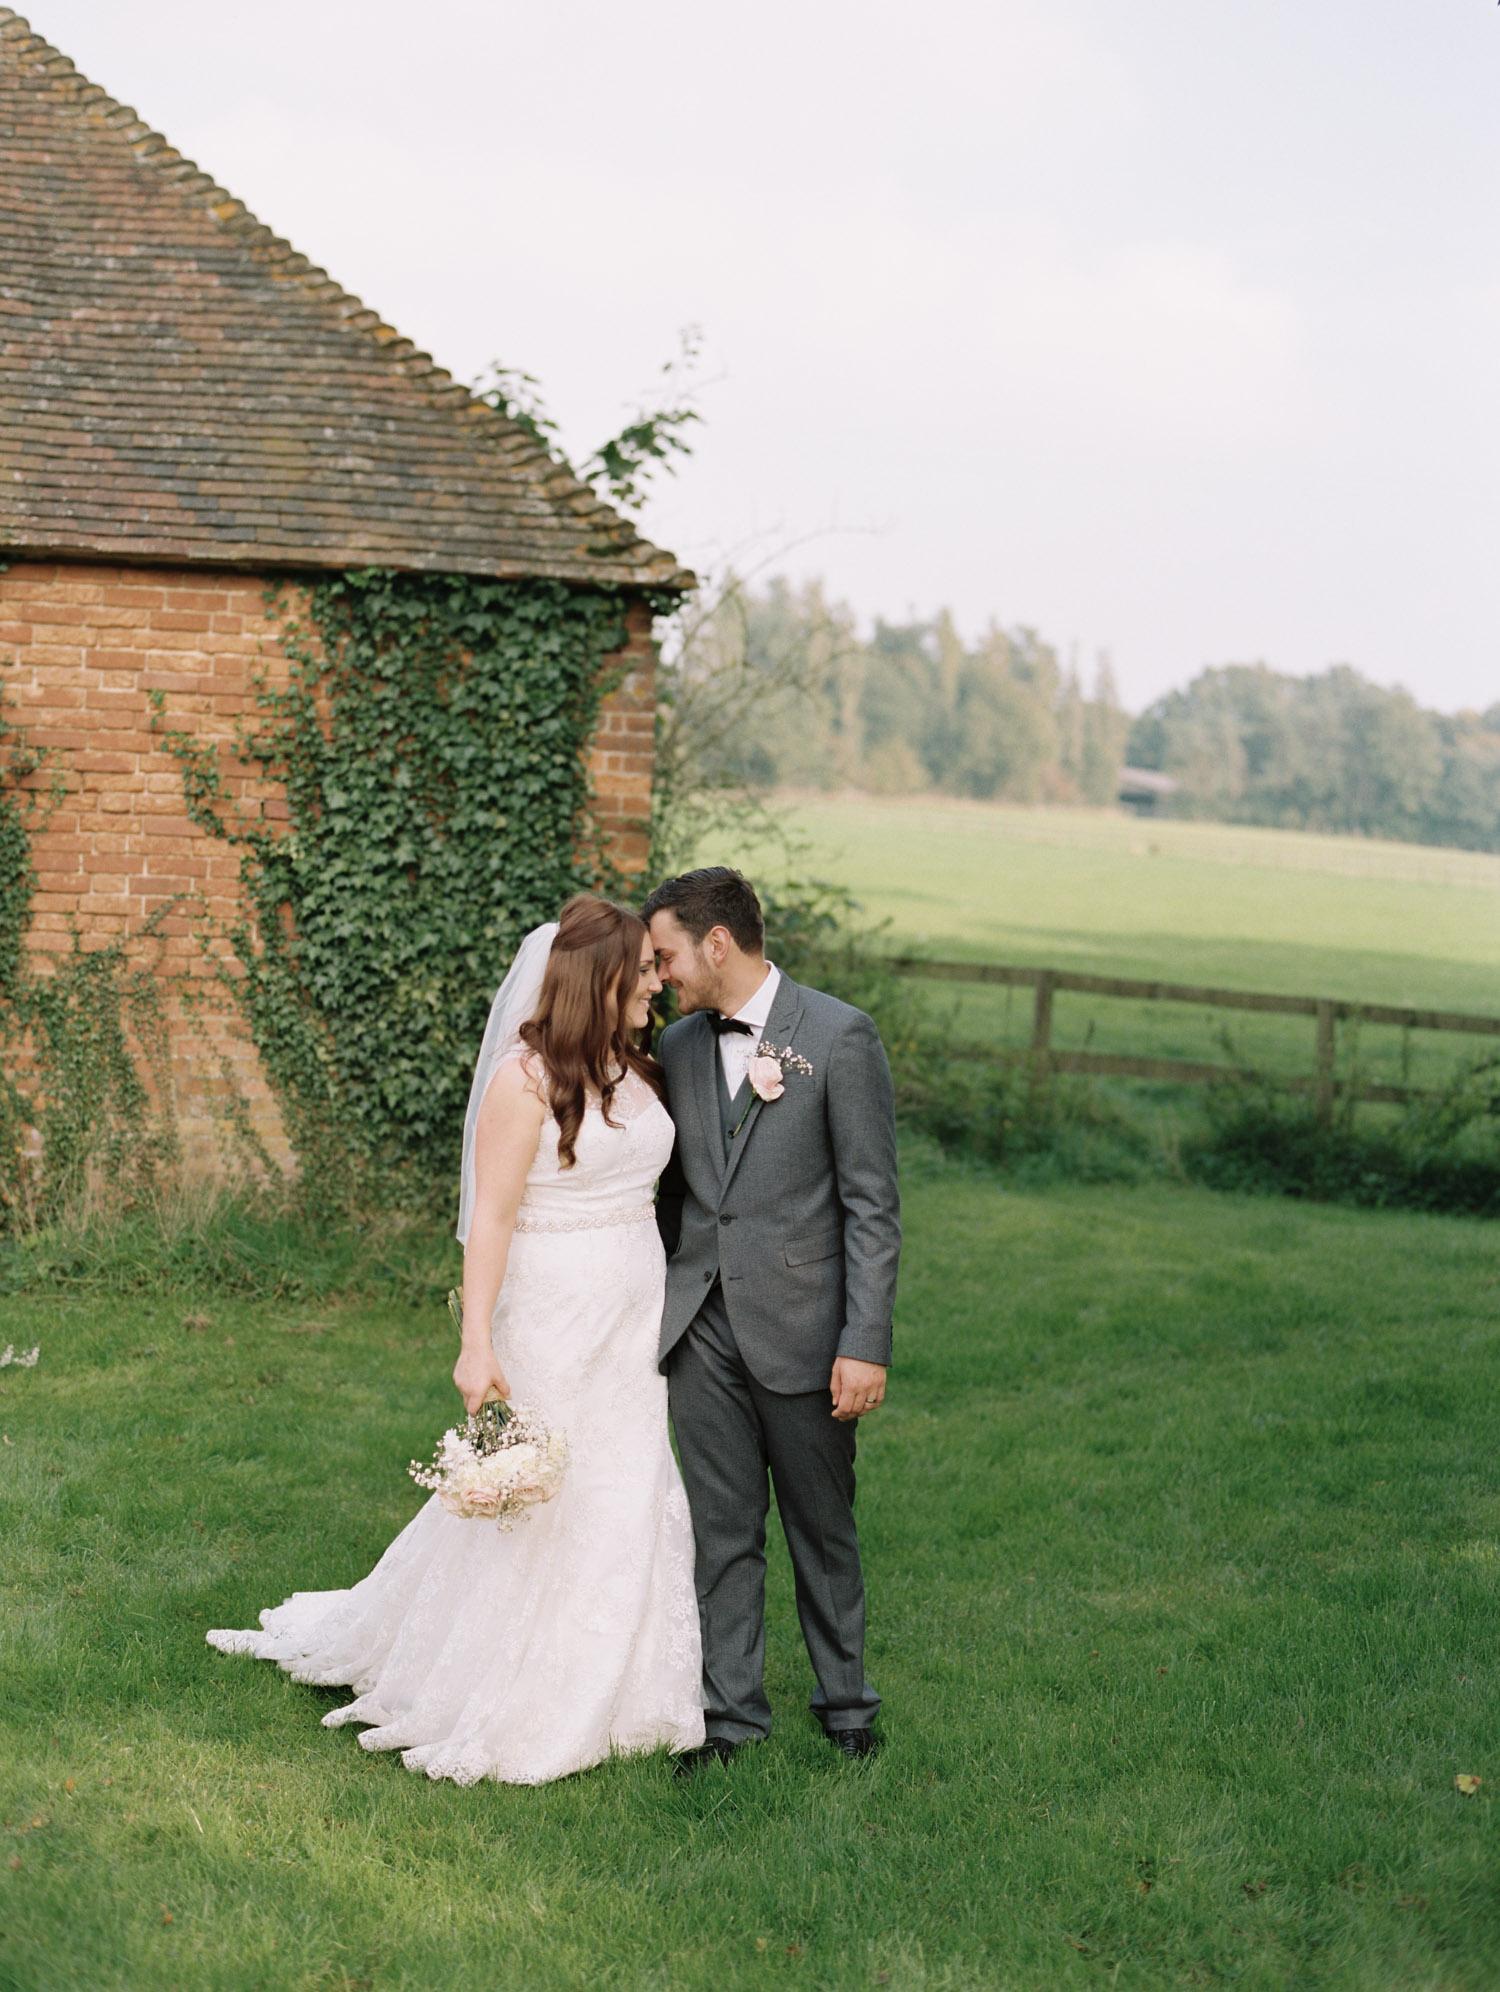 London_Wedding_Photographer-041.jpg